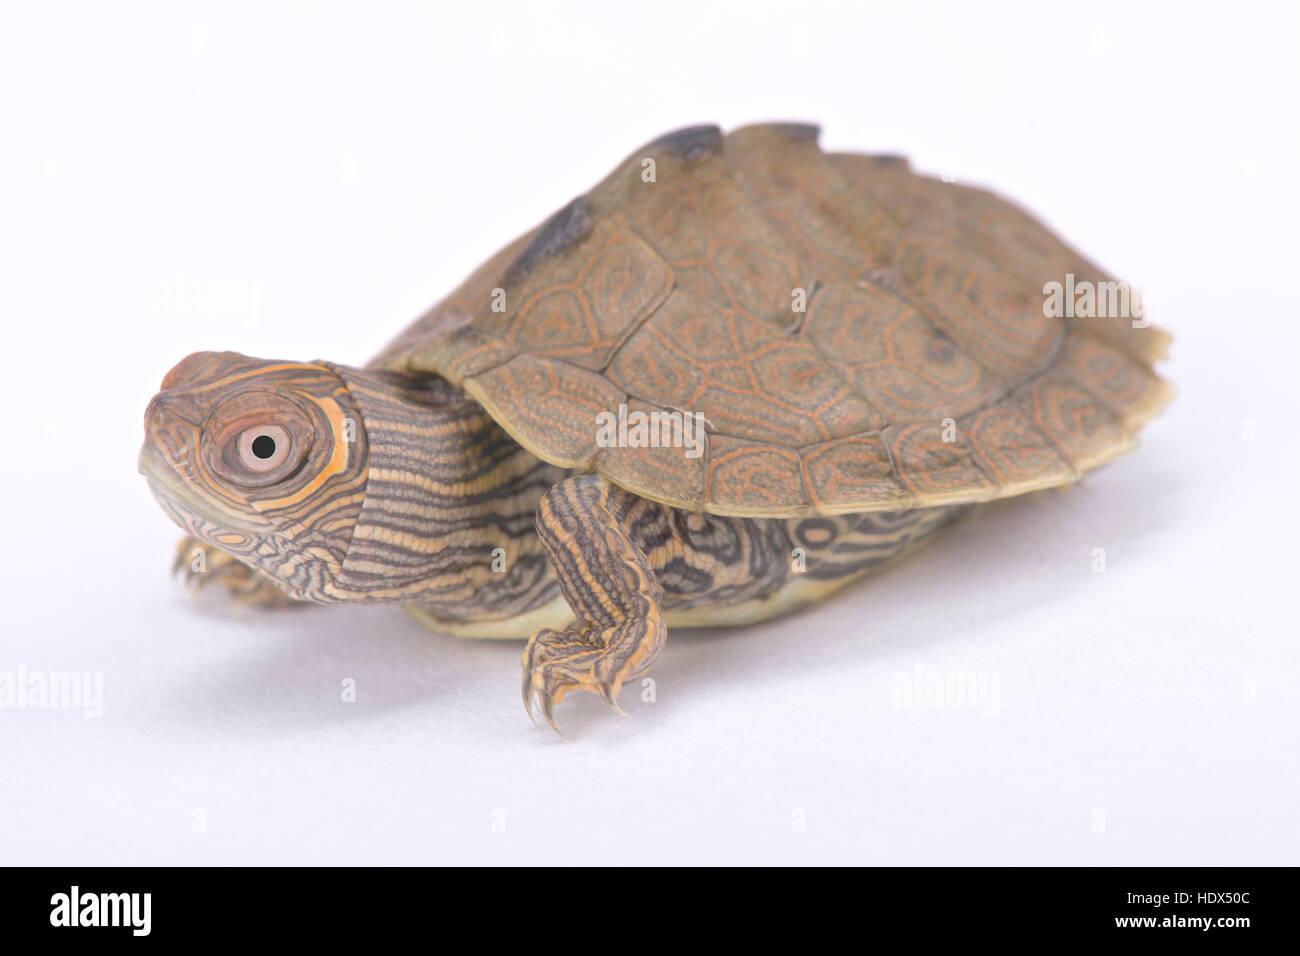 Mississippi Karte Schildkröte, Graptemys Pseudogeographica kohni Stockbild